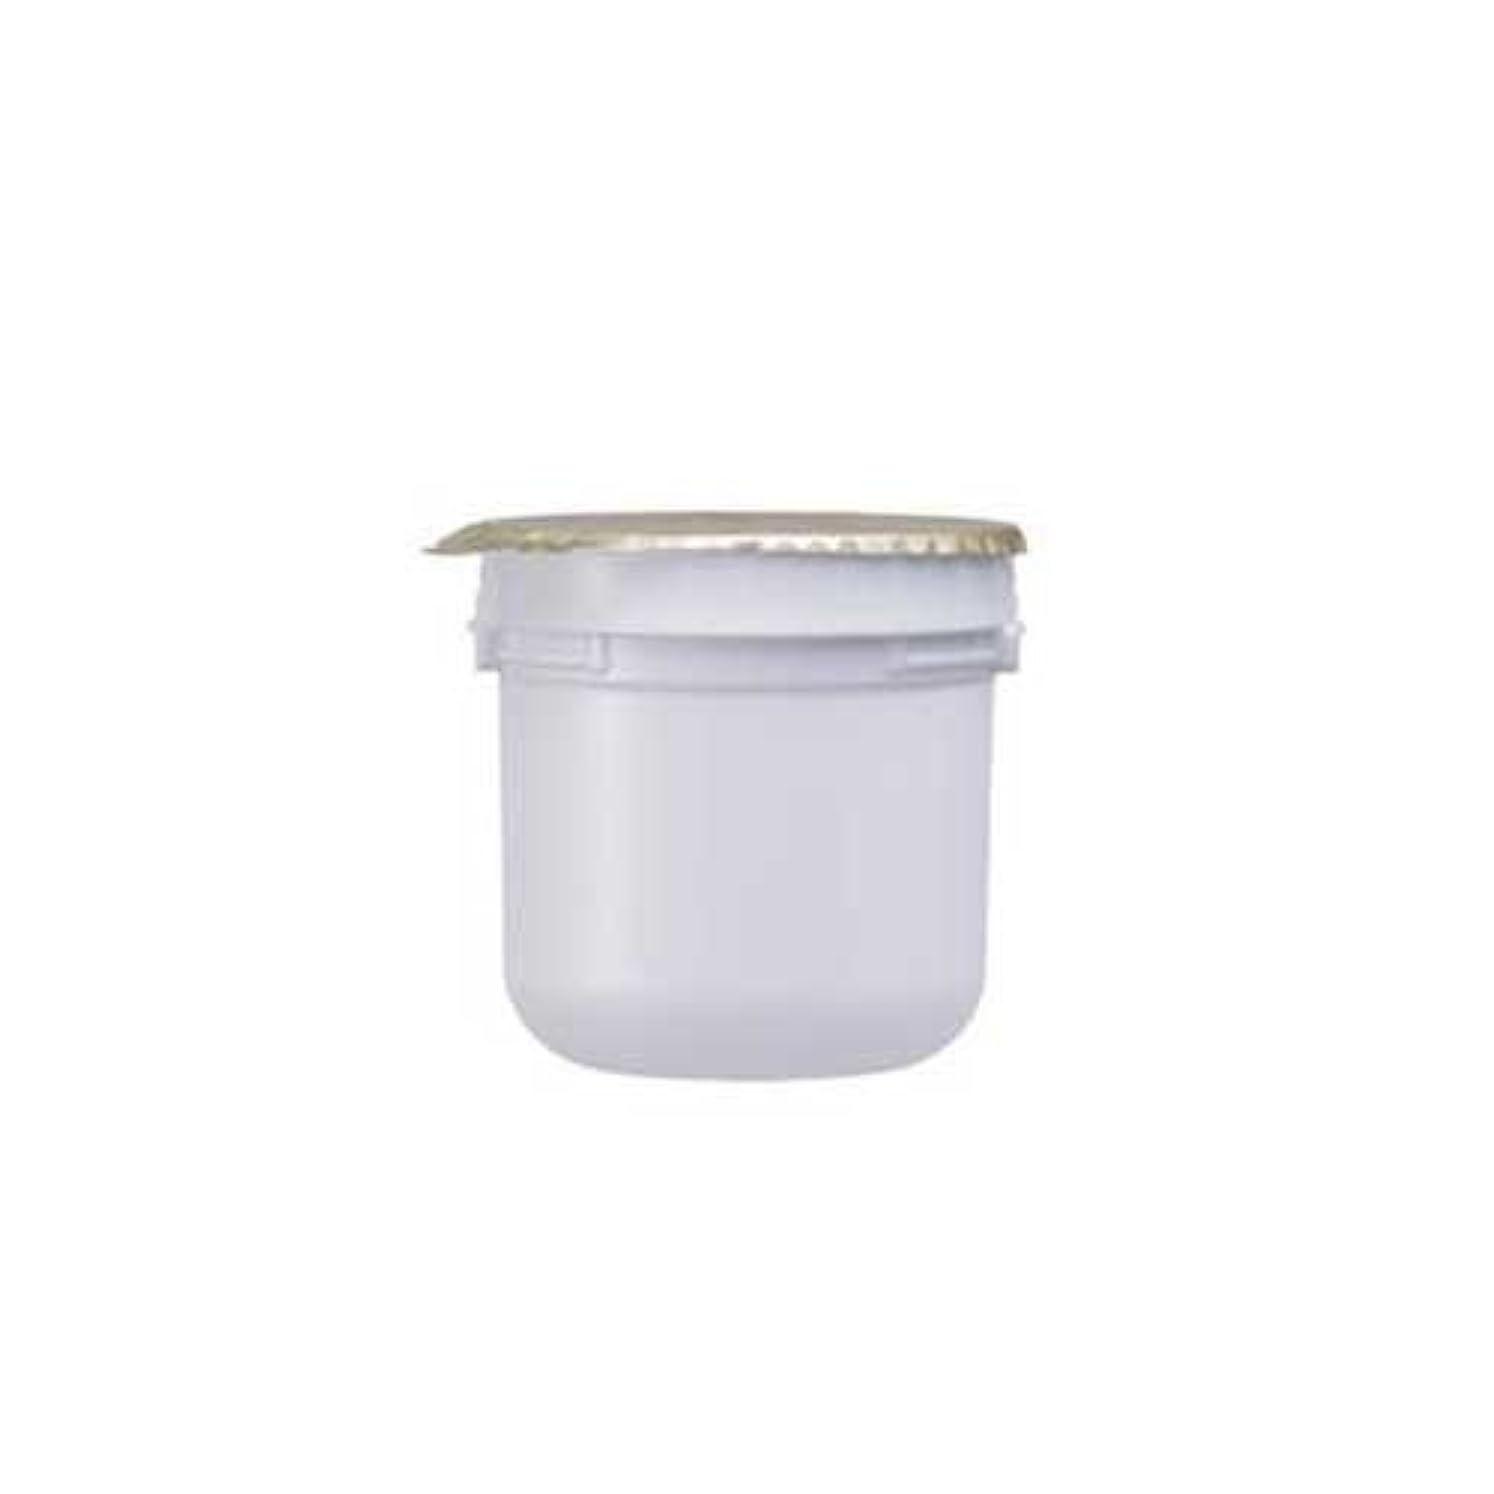 告発者リングバック温度計ASTALIFT(アスタリフト) ホワイト クリーム(美白クリーム)レフィル 30g